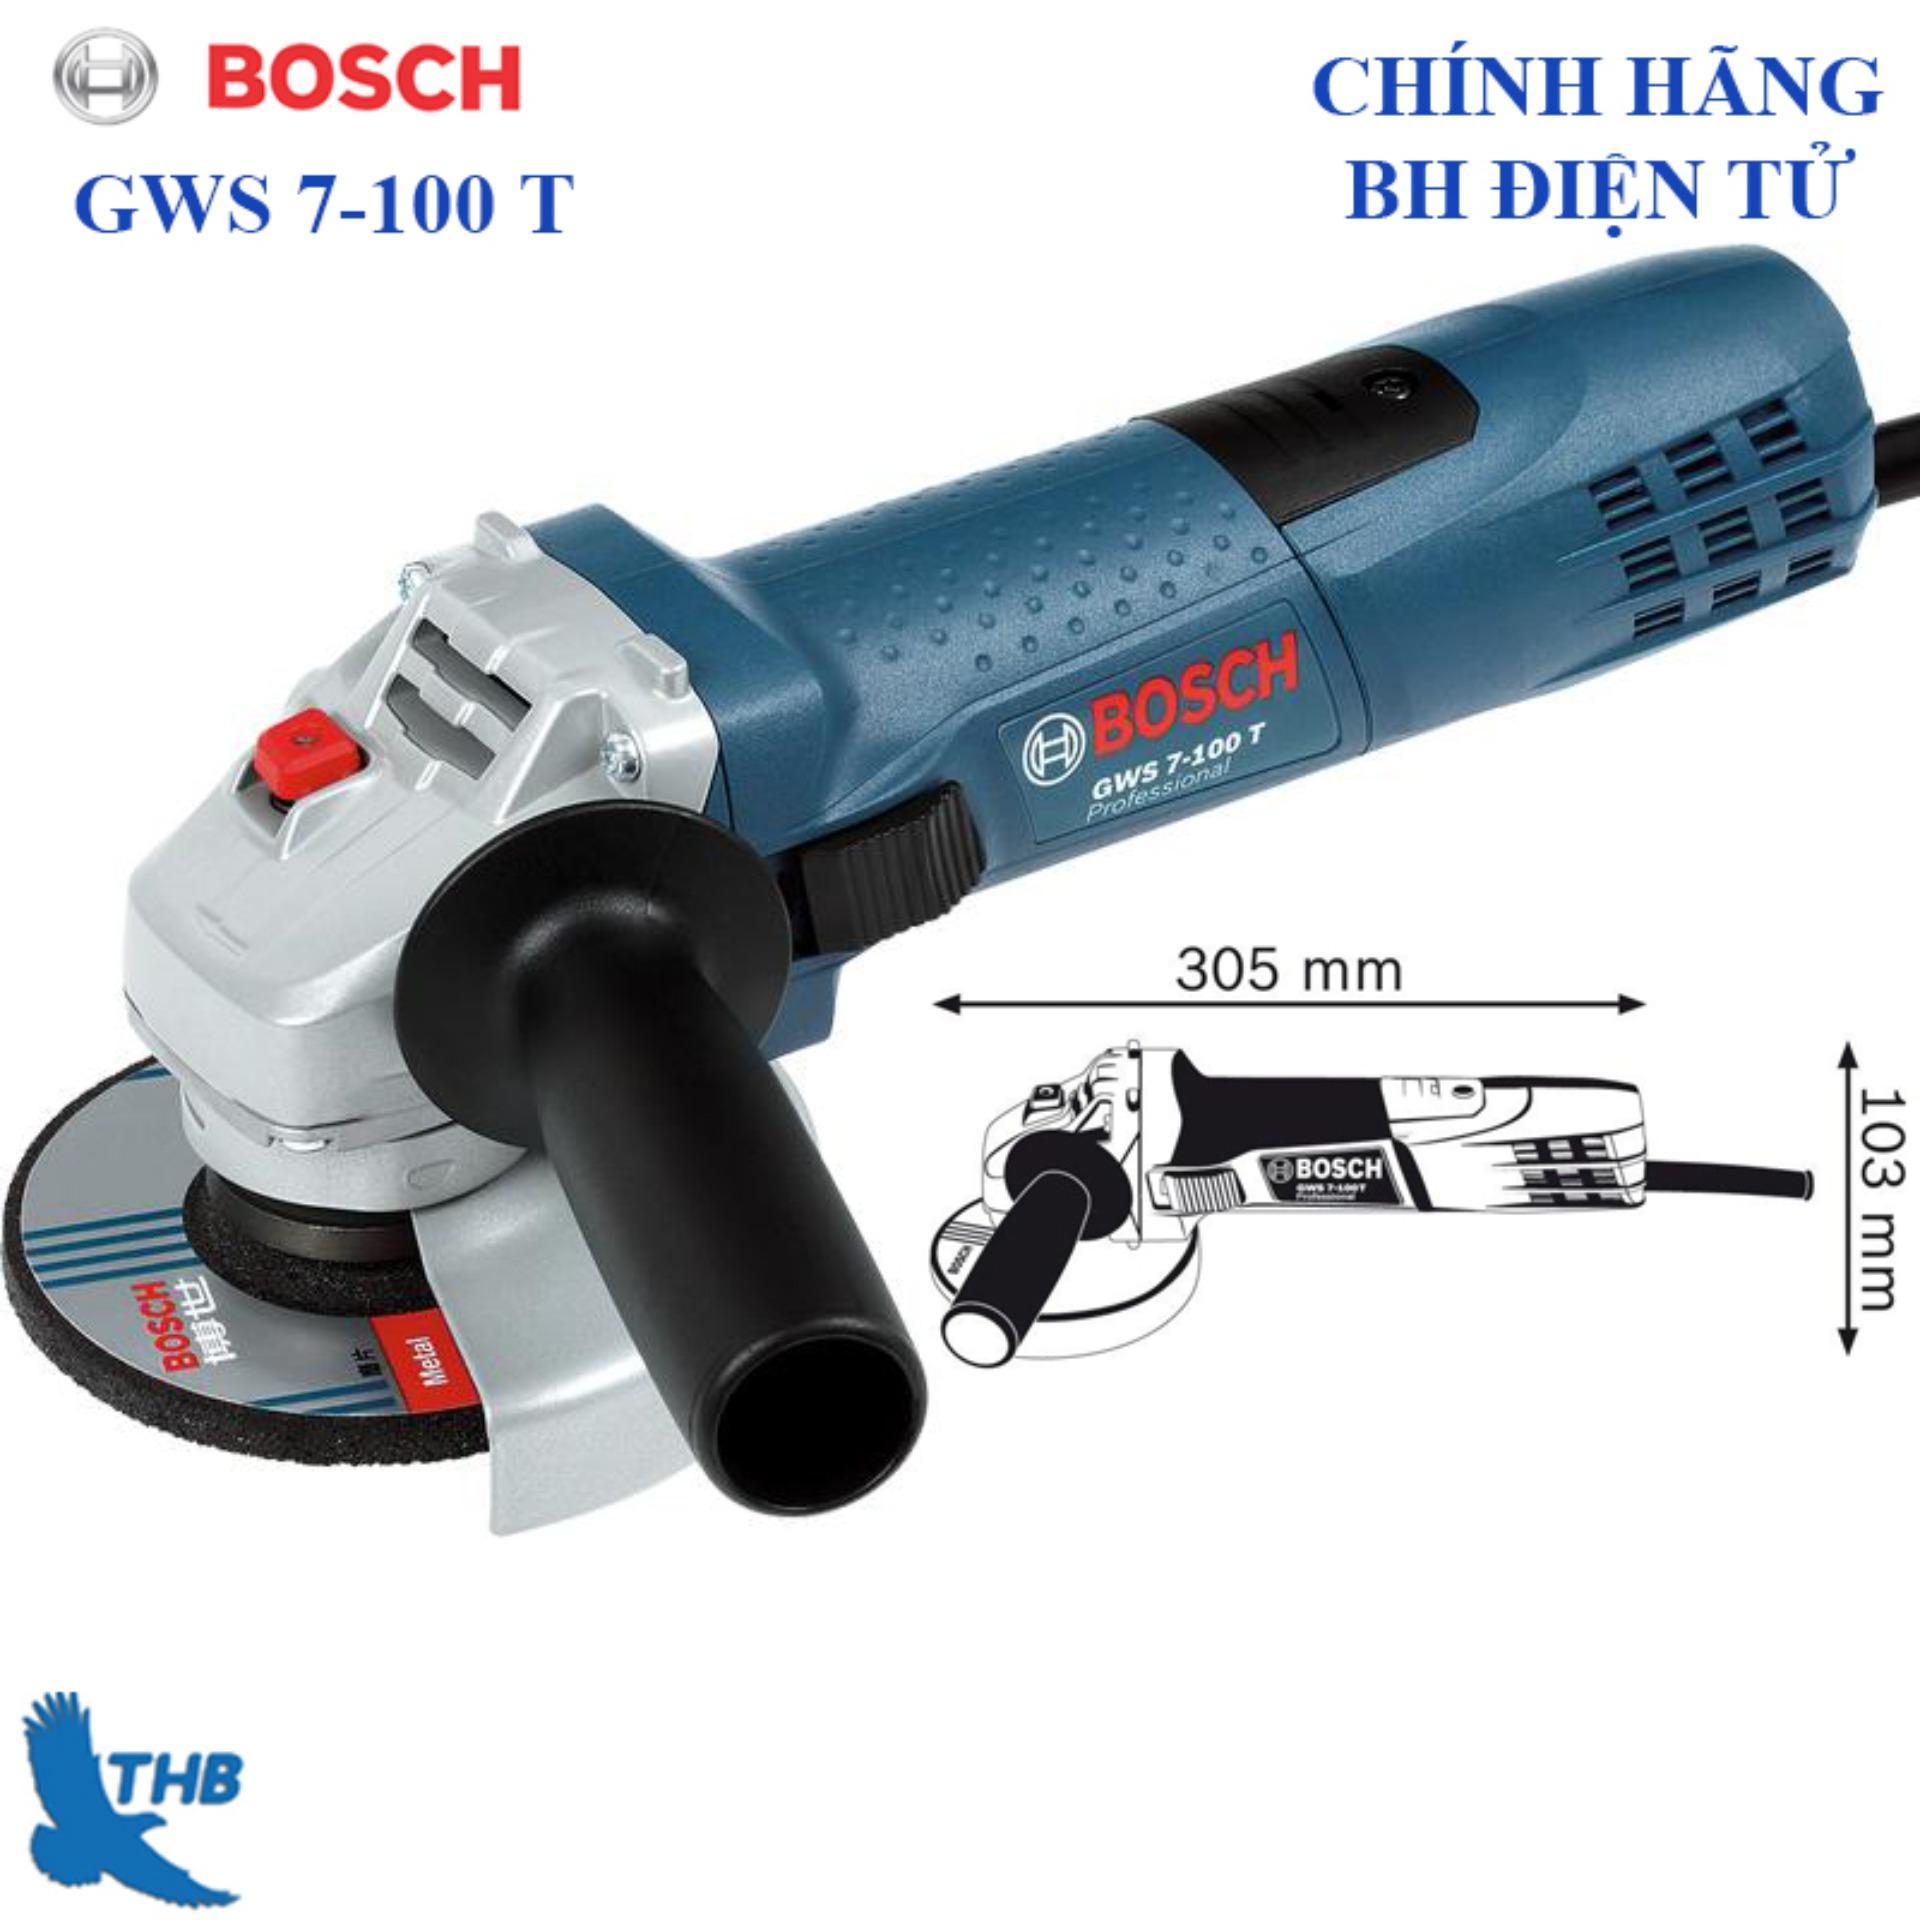 Máy mài góc nhỏ, Máy mài điện cầm tay, Máy mài cầm tay, máy cắt sắt cầm tay Bosch GWS 7-100 T ( Công suất 720W, đá 100mm, bảo hành điện tử 12 tháng)